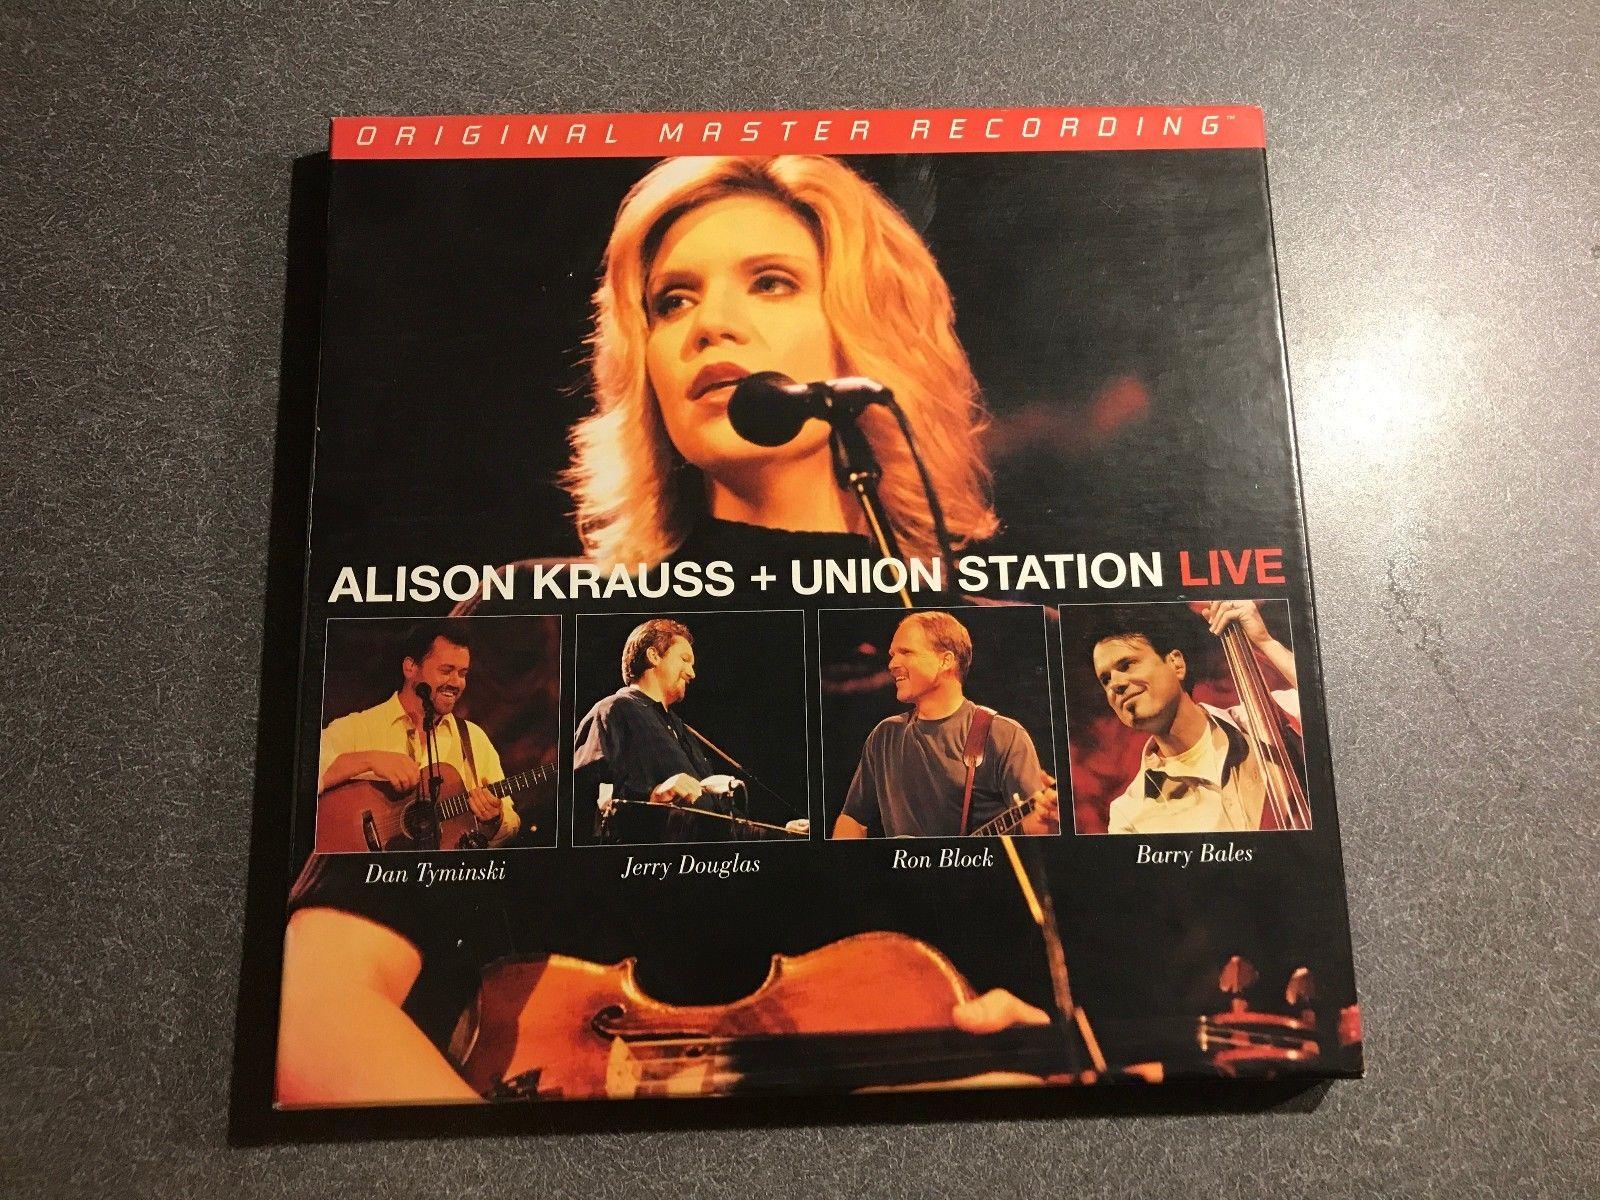 ALISON KRAUSS + UNION STATION Live - 2006 Mobile Fidelity 3LP box set